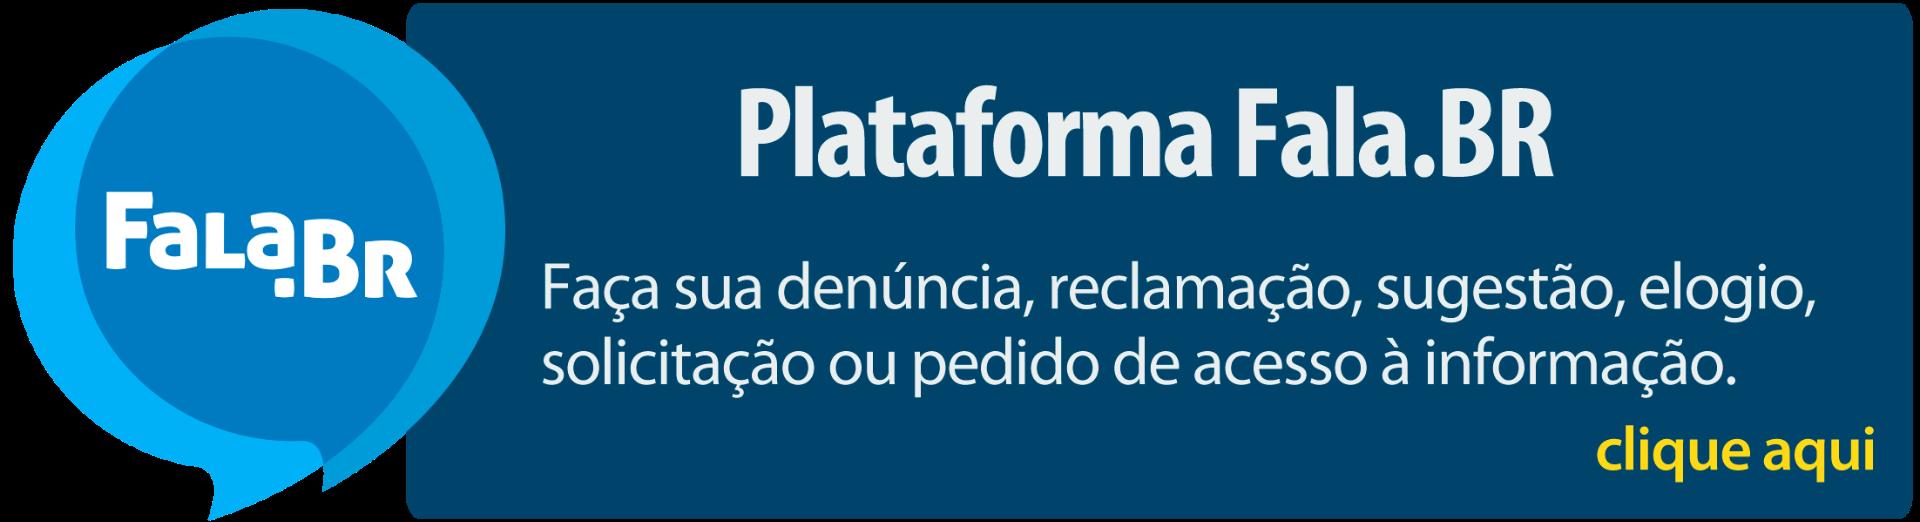 Imagem - Plataforma Fala Br